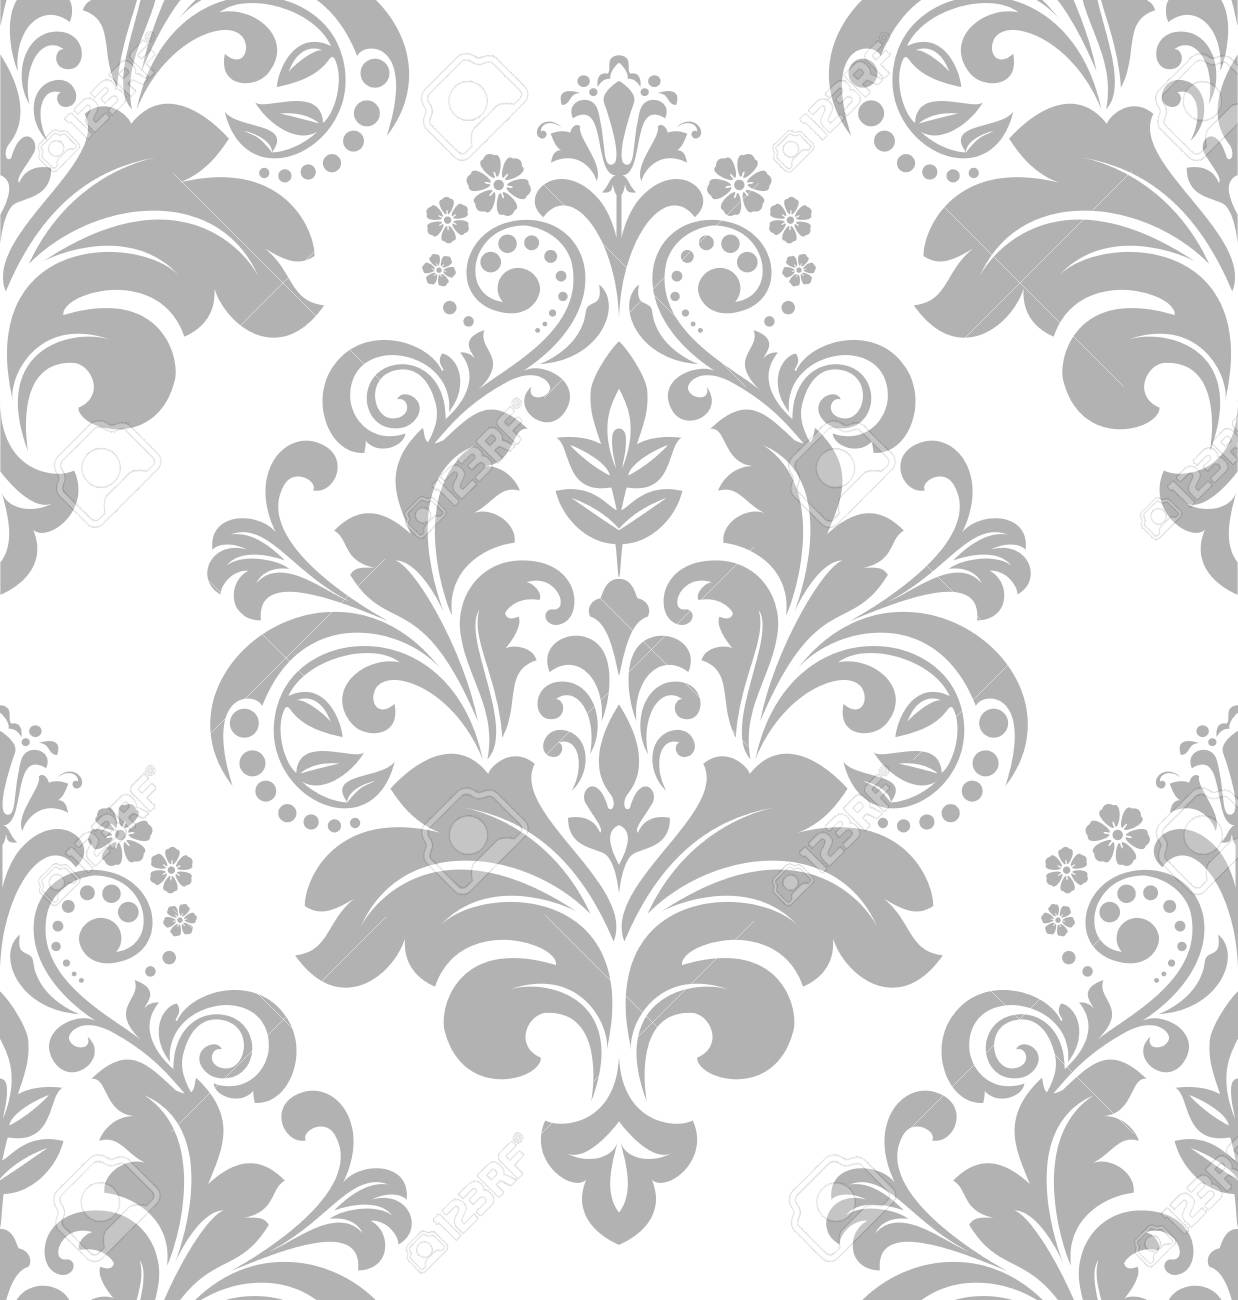 Carta Da Parati Stile Barocco.Vettoriale Carta Da Parati In Stile Barocco Uno Sfondo Vettoriale Senza Soluzione Di Continuita Ornamento Floreale Bianco E Grigio Motivo Grafico Vettoriale Image 97574828